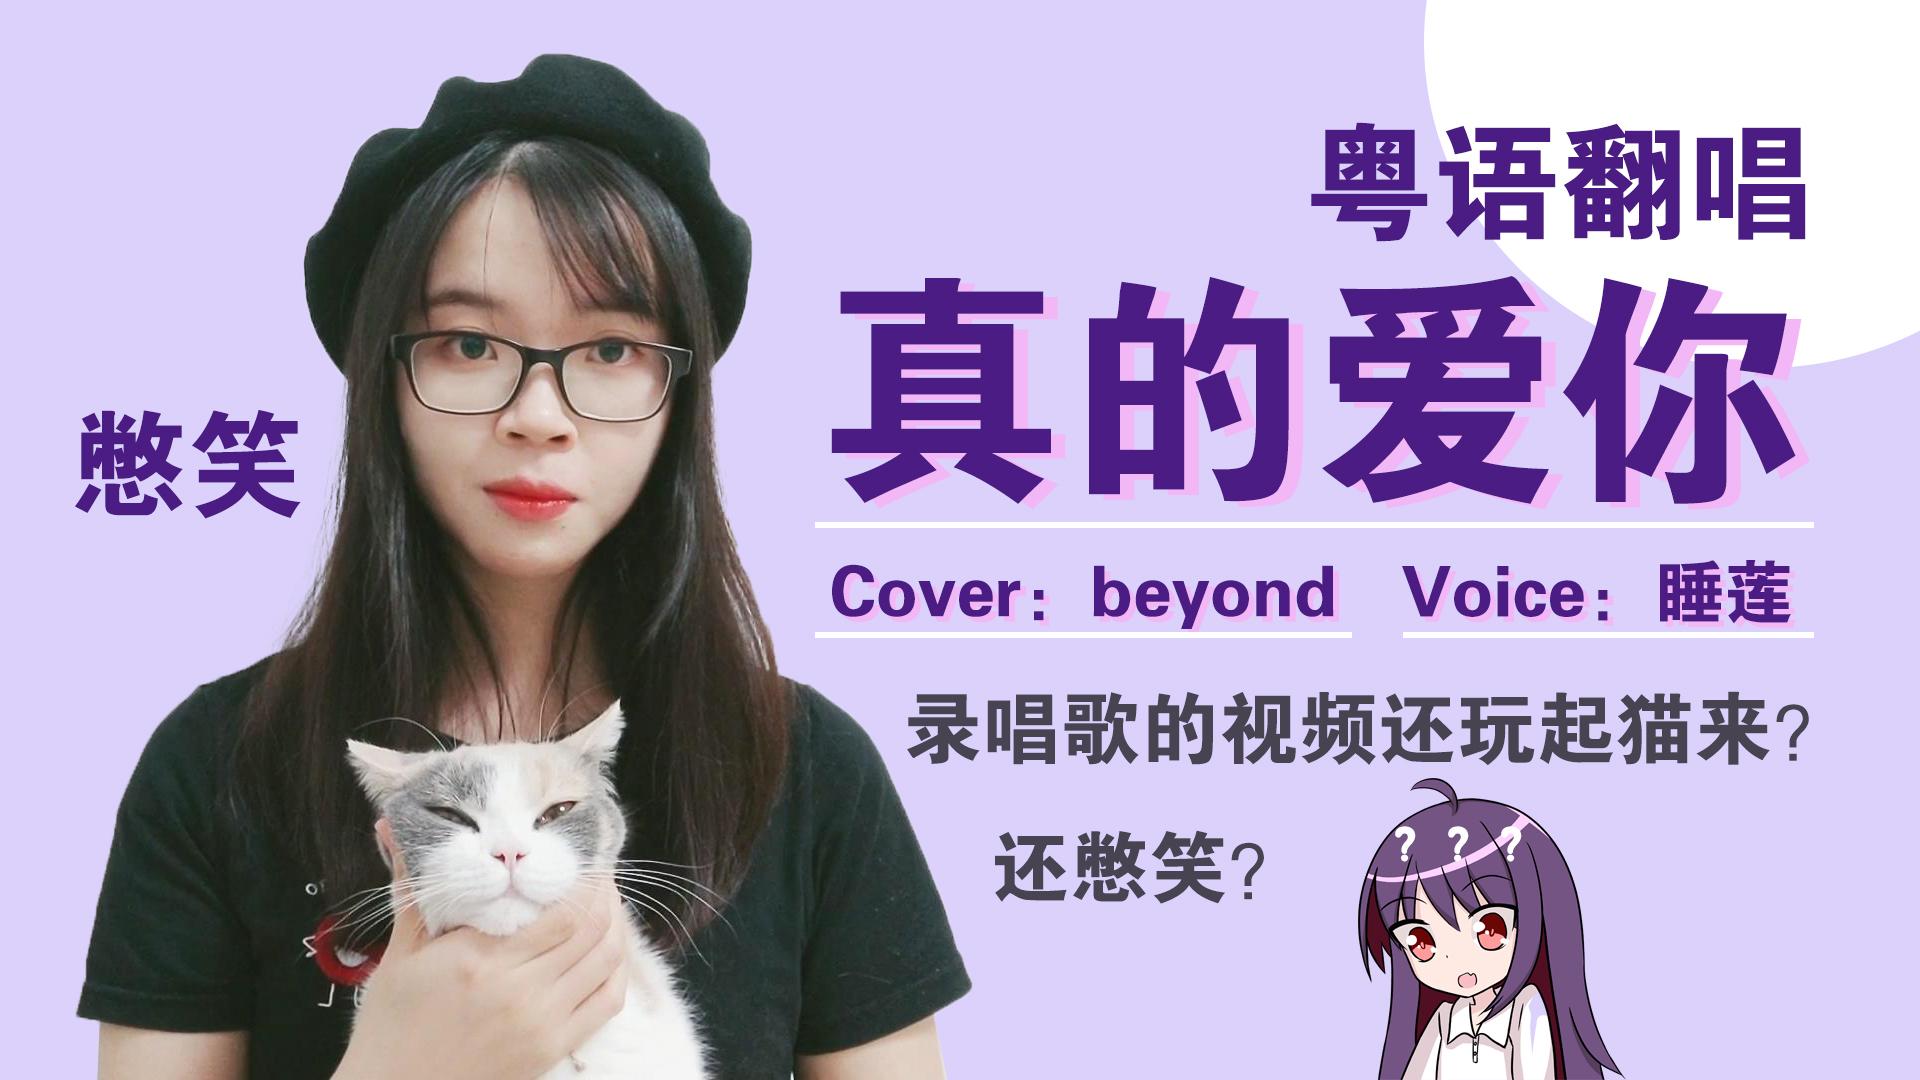 一边撸猫一边录?粤语女声深情翻唱《真的爱你》【嗨歌祭10】